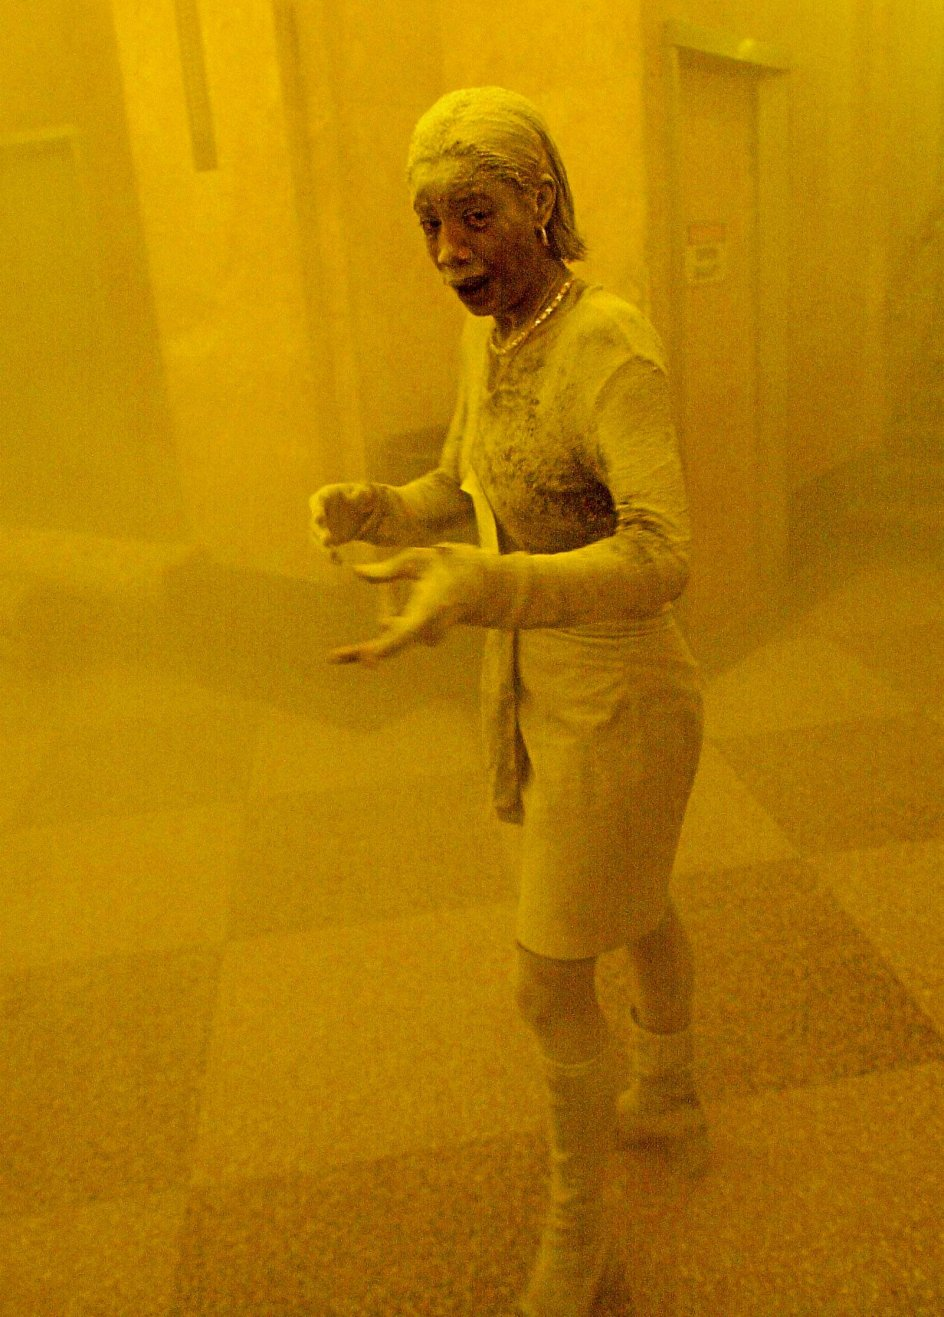 2Den 28-årige Marcy Borders arbejdede som juridisk assistent i Bank of America på 81. etage af World Trade Center, da terrorangrebet ramte. Det lykkedes hende at slippe levende ud af bygningen, og på grund af det foto, der blev taget af hende, blev hun i medierne kendt som The Dust Lady (støvkvinden). Mange år senere fik hun mavekræft og havde selv den overbevisning, at kræften var en følge af det giftige støv, hun havde indåndet den 11. september 2001. Hun døde i 2015.